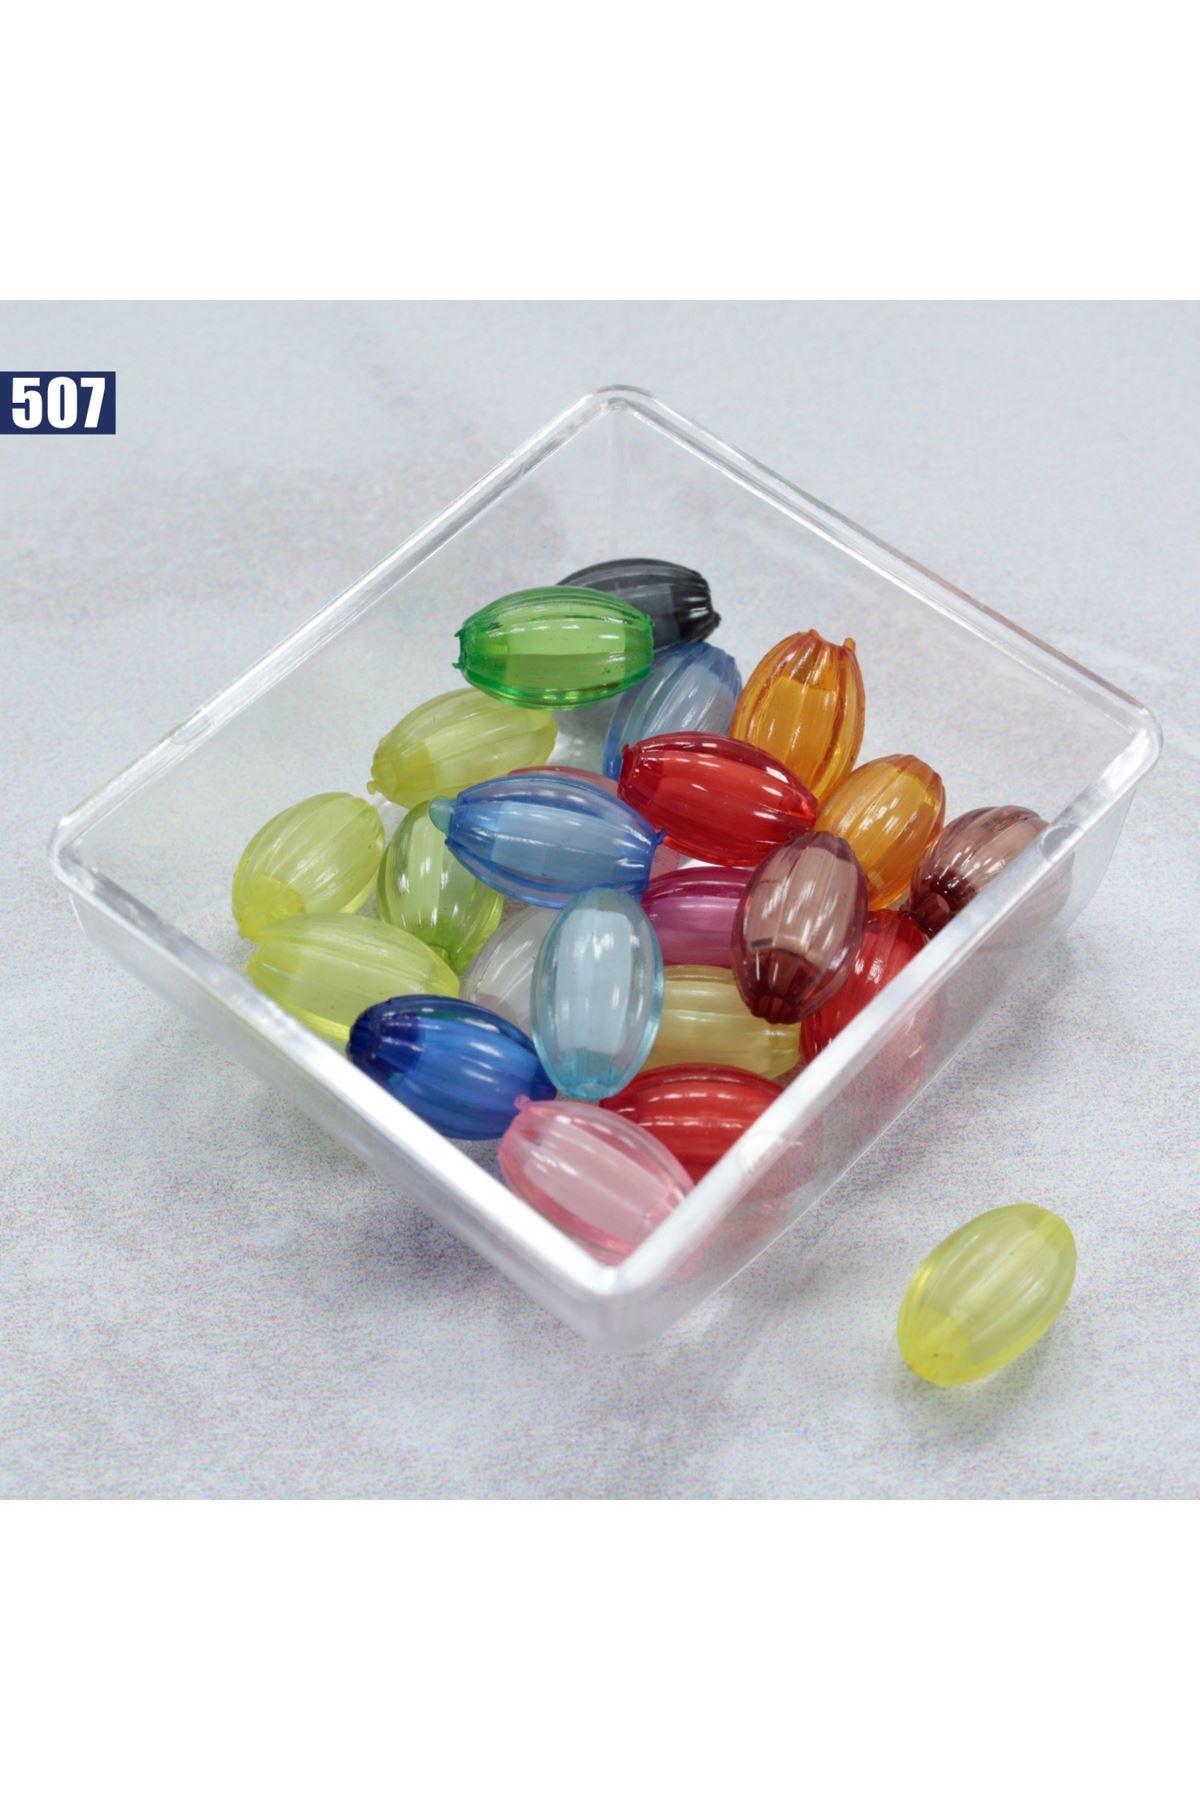 Boncuk 10 gram -507